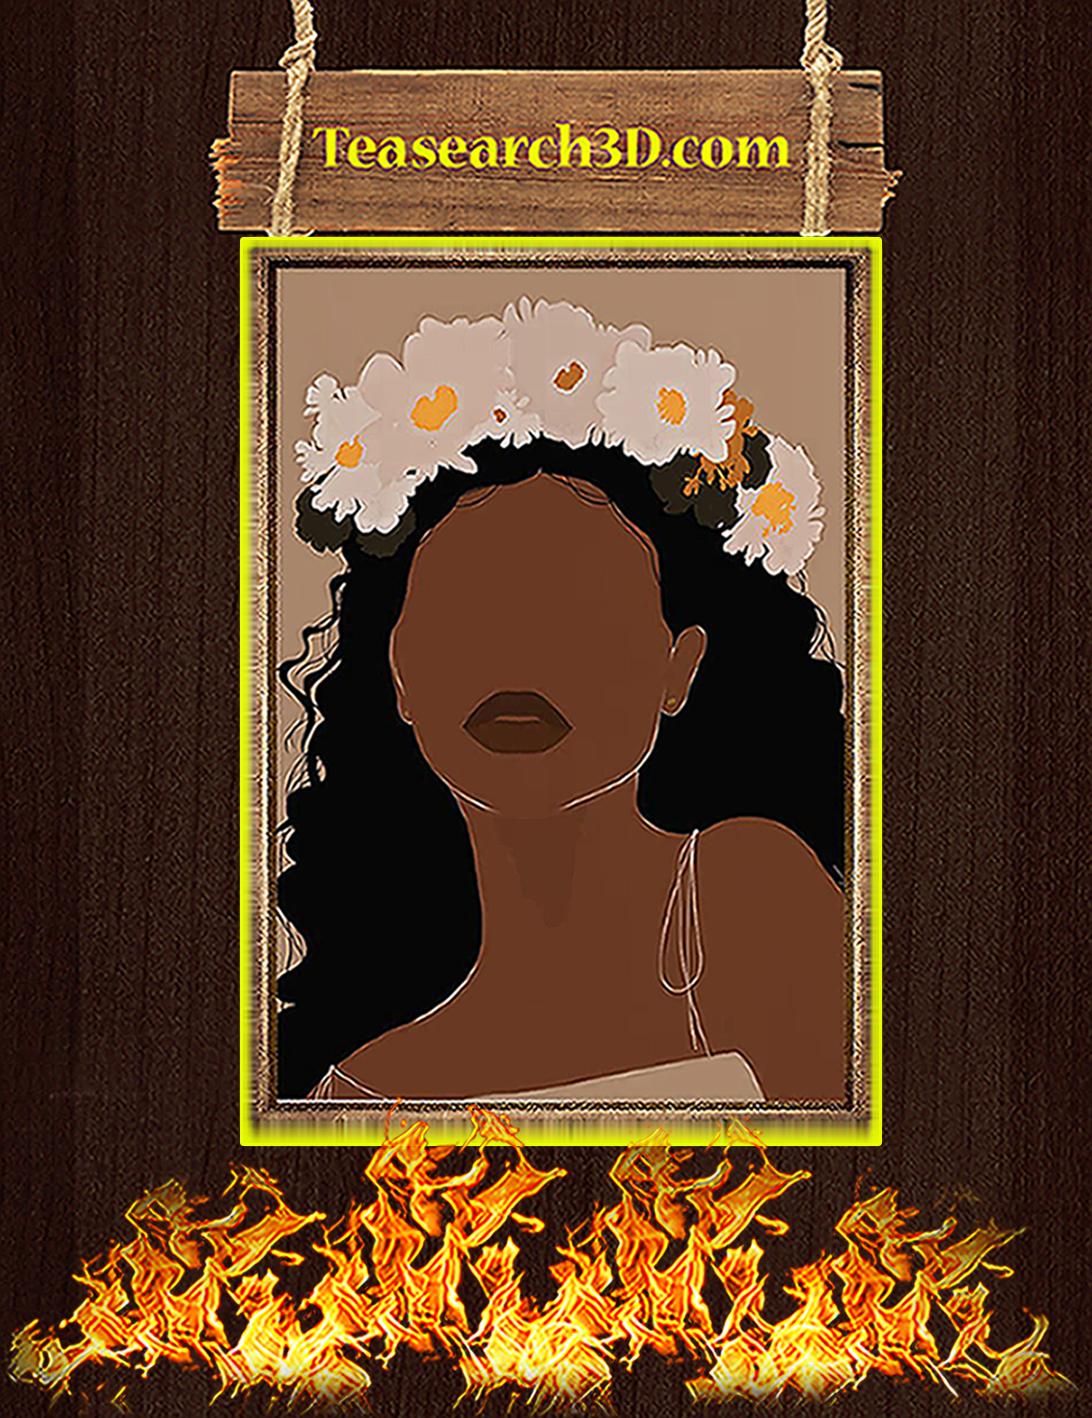 Black girl flower poster A2